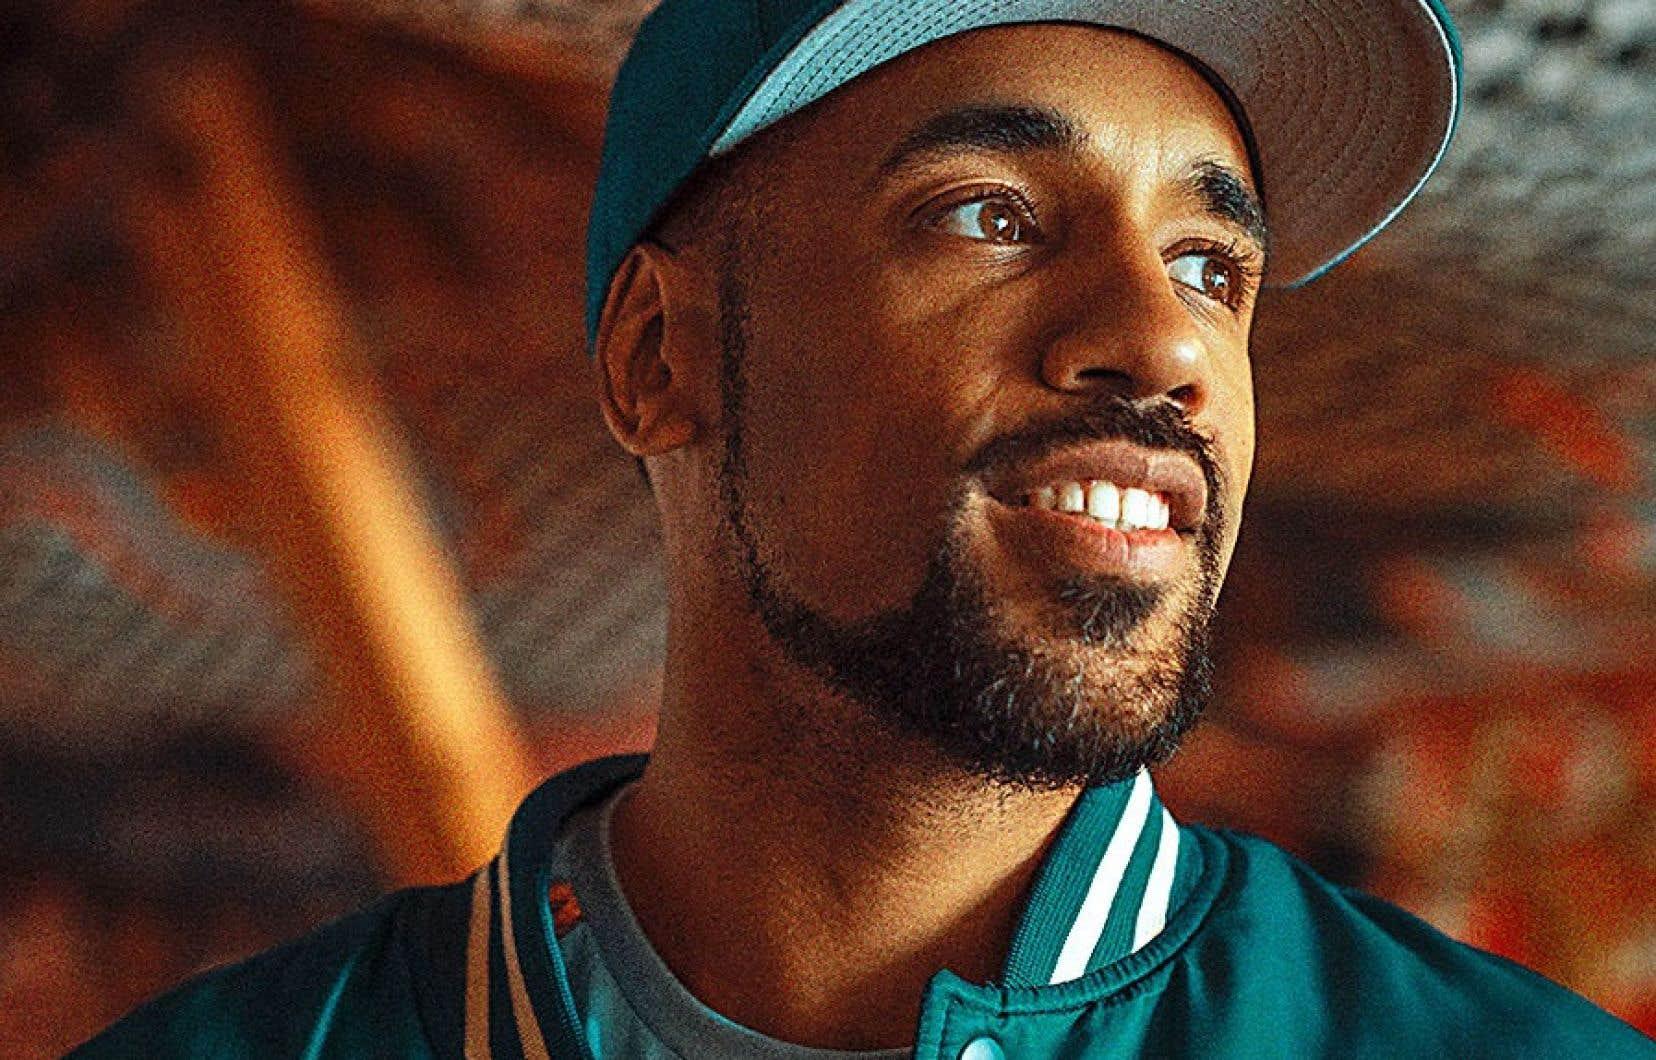 L'auteur, compositeur, producteur et rappeur KNLO revendique ses origines congolaise et fidéenne.